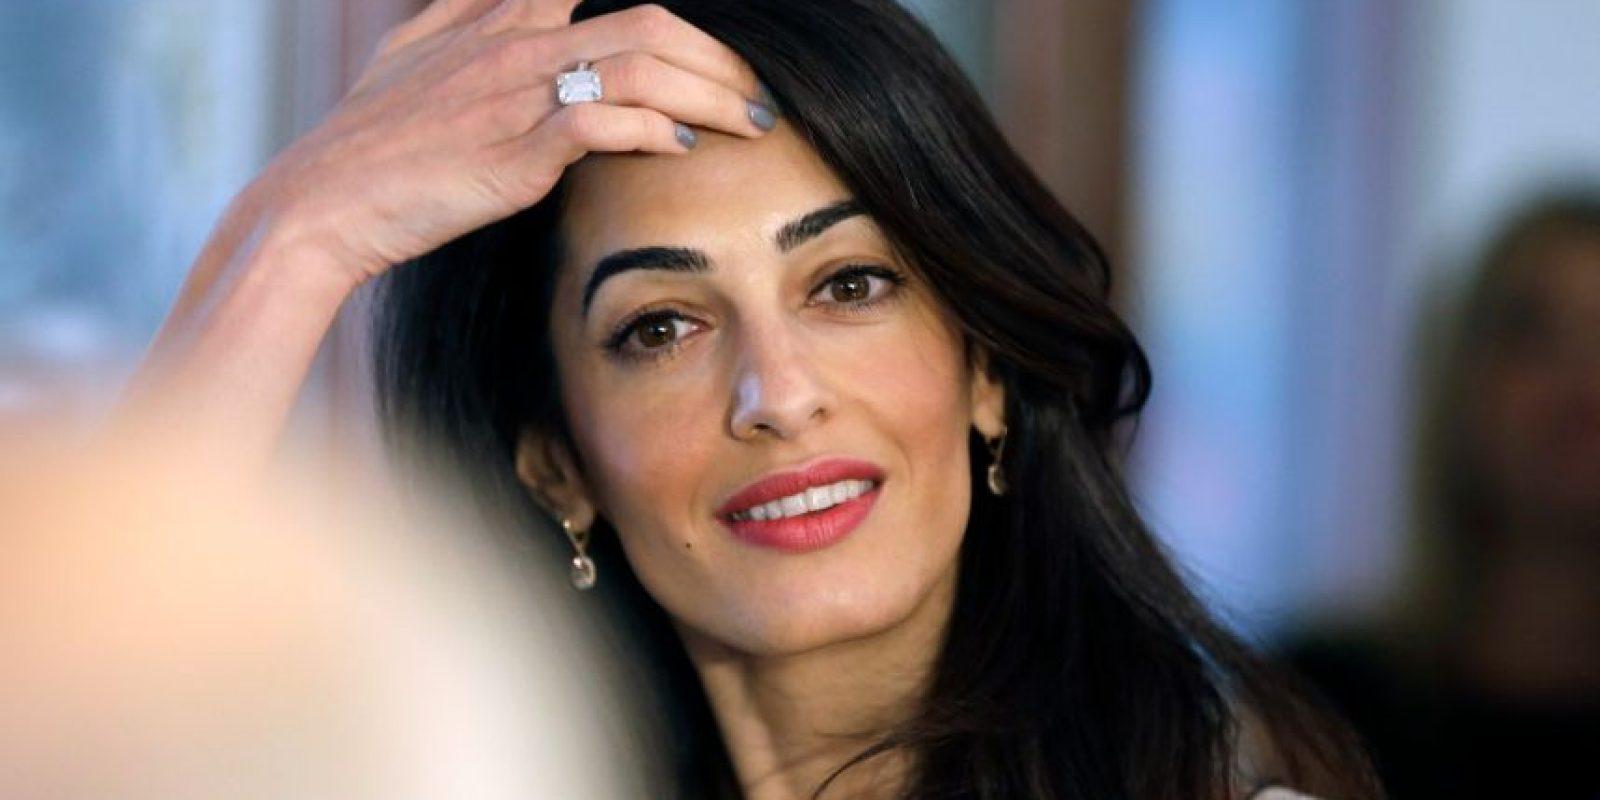 """La presentadora Bárbara Walters reconoció a la esposa de George Clooney como """"La mujer más fascinante del año"""". Foto:Getty Images"""